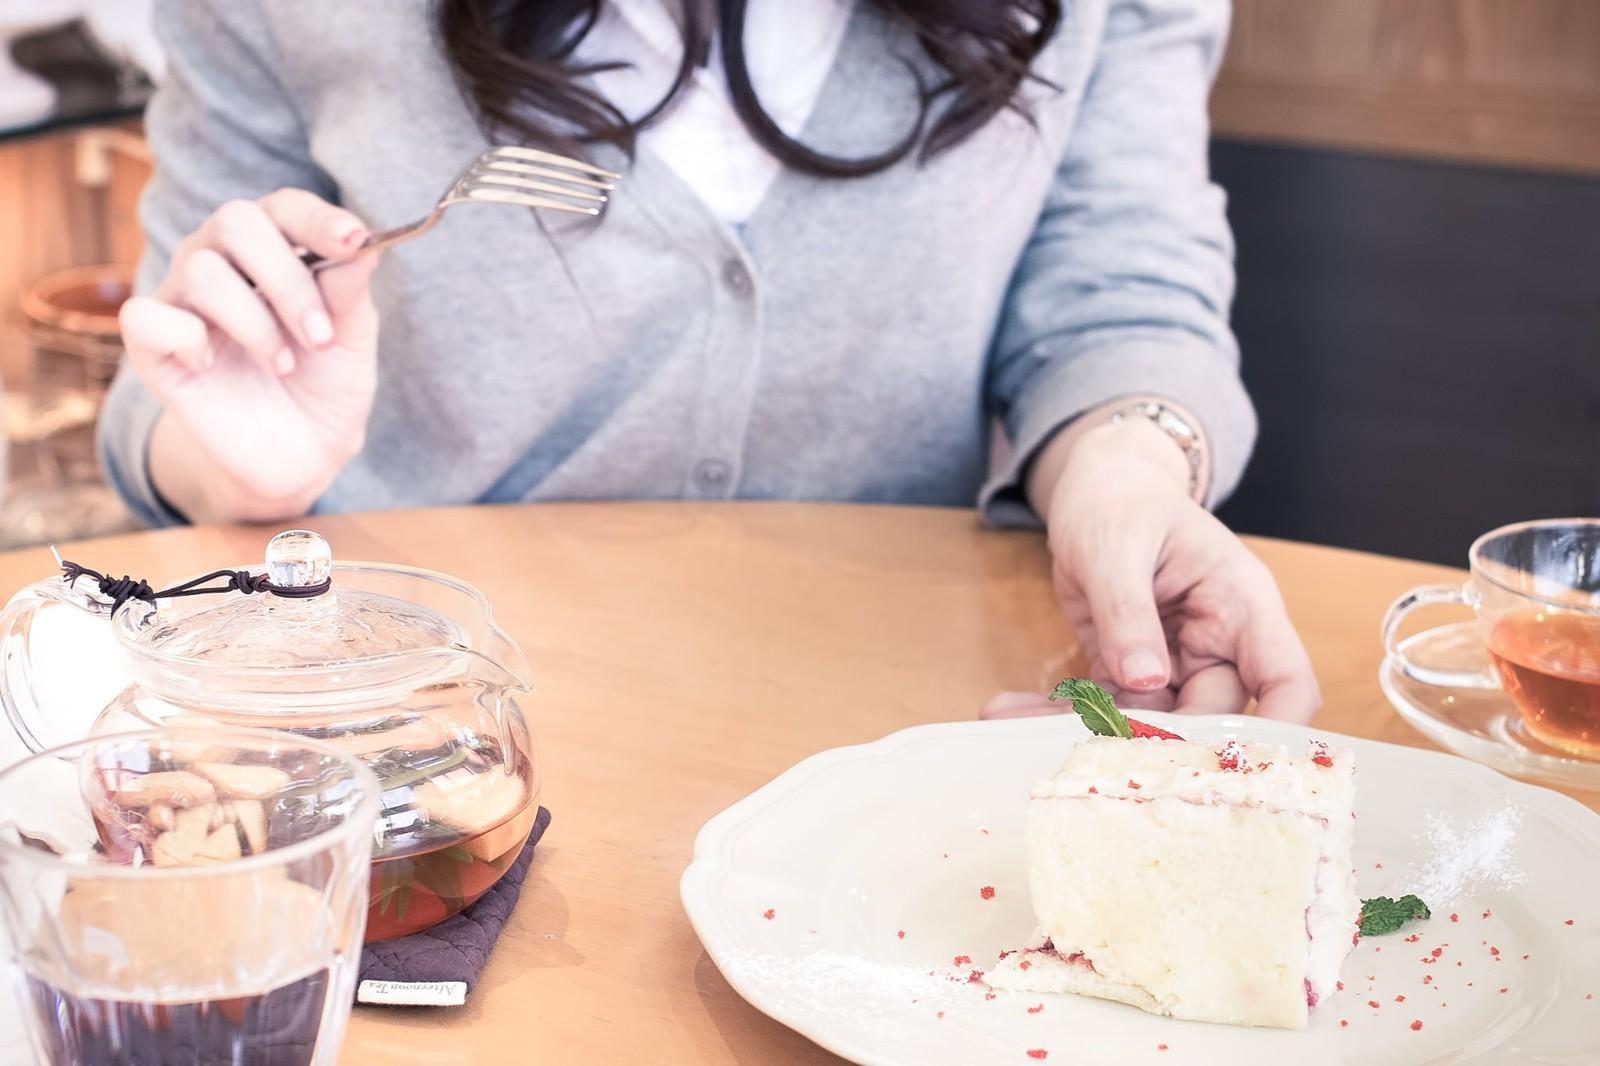 芋屋金次郎の芋けんぴが絶品だと話題!口コミで人気のケーキやカフェもあり!